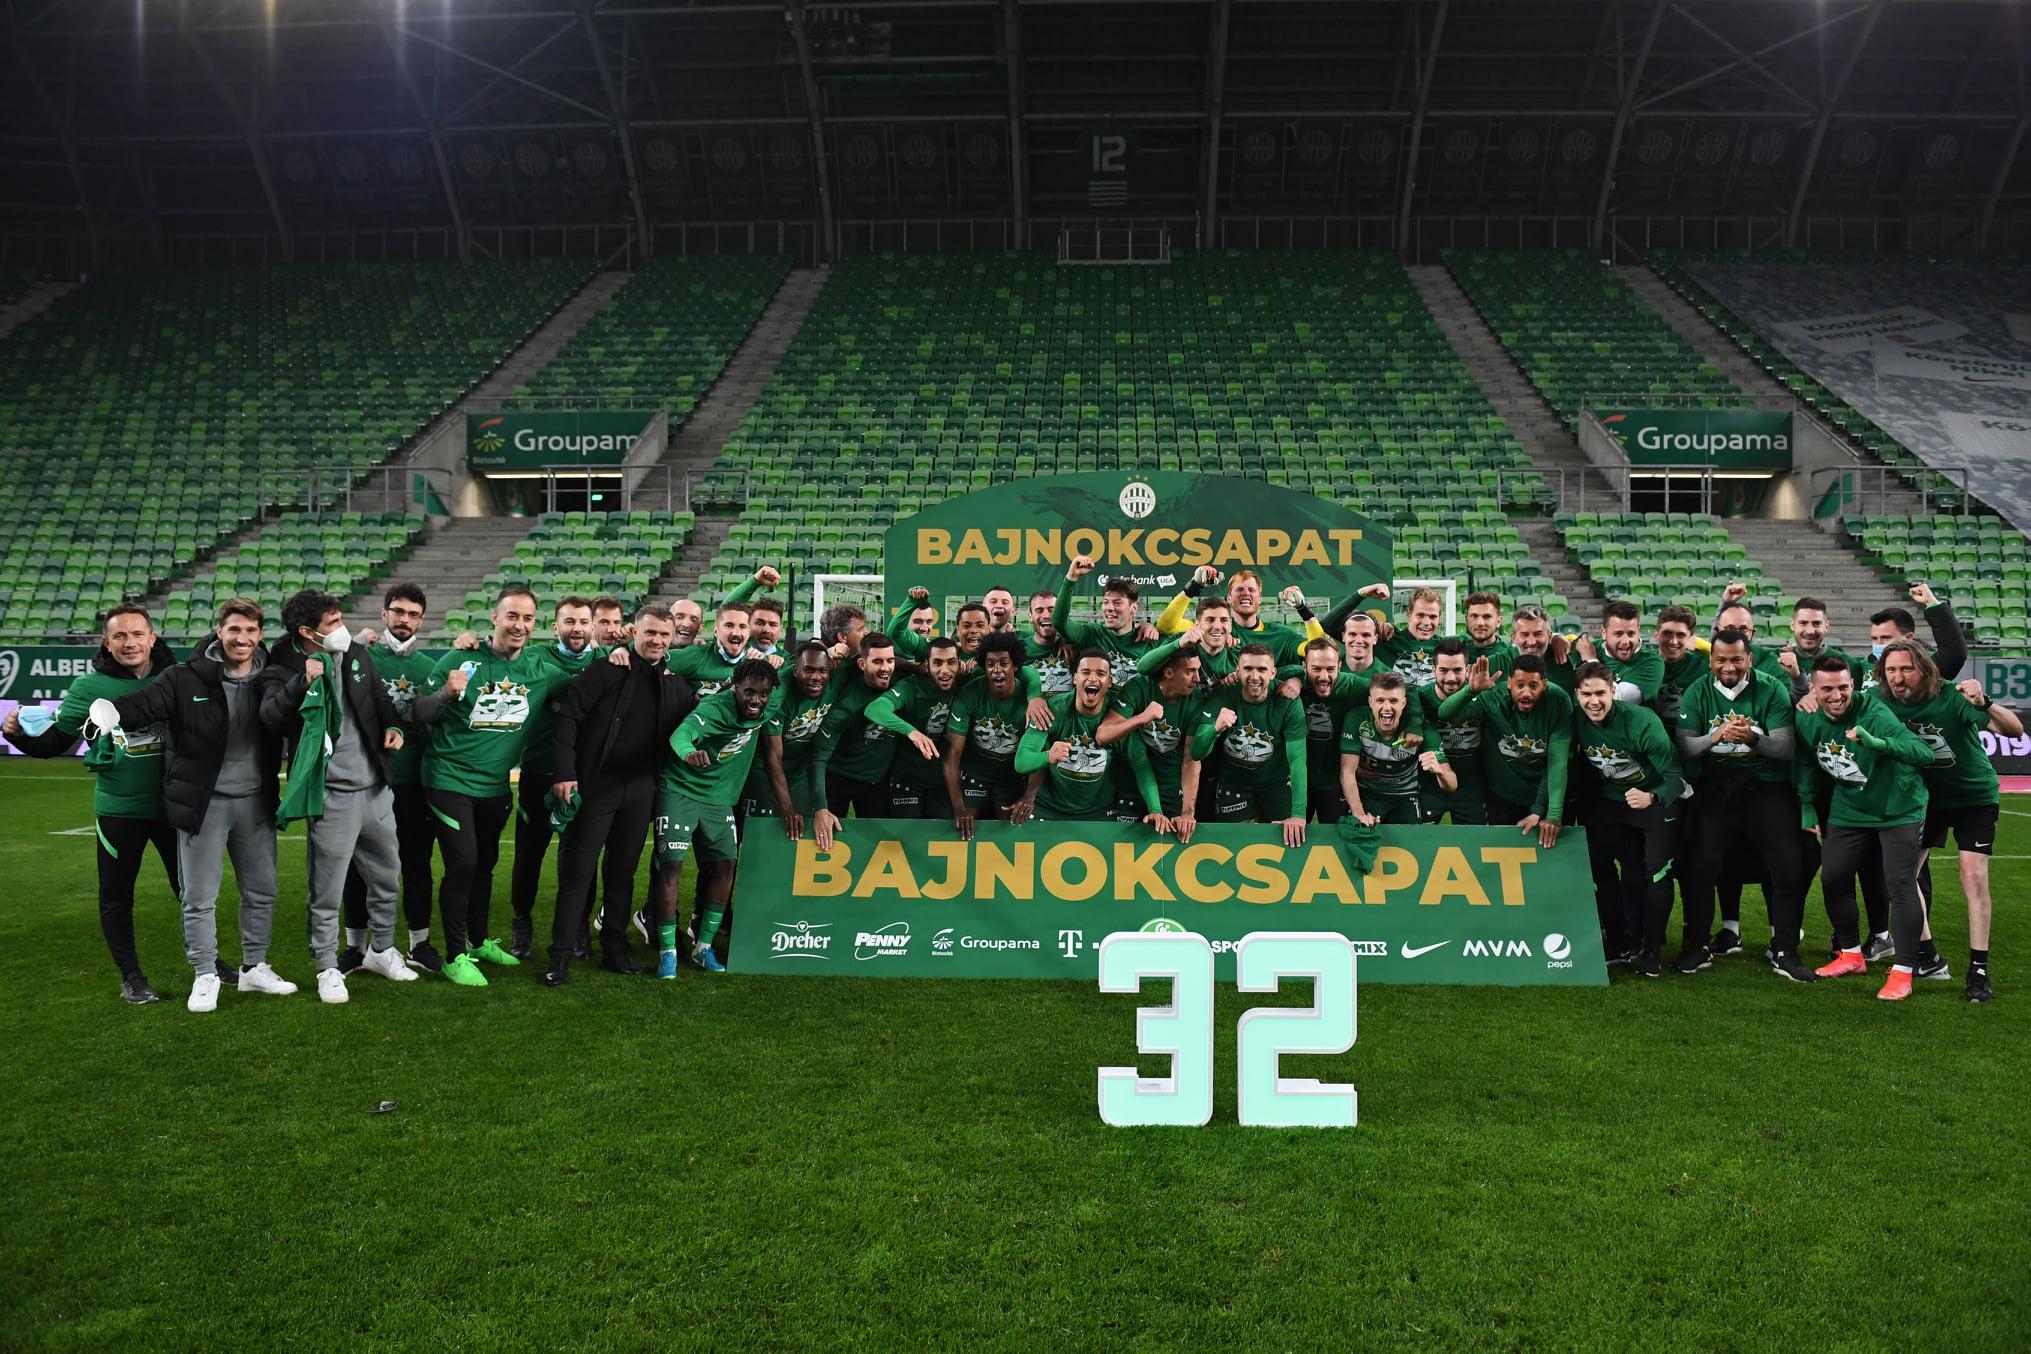 Fußball: Ferencváros Budapest zum dritten Mal nacheinander Meister!